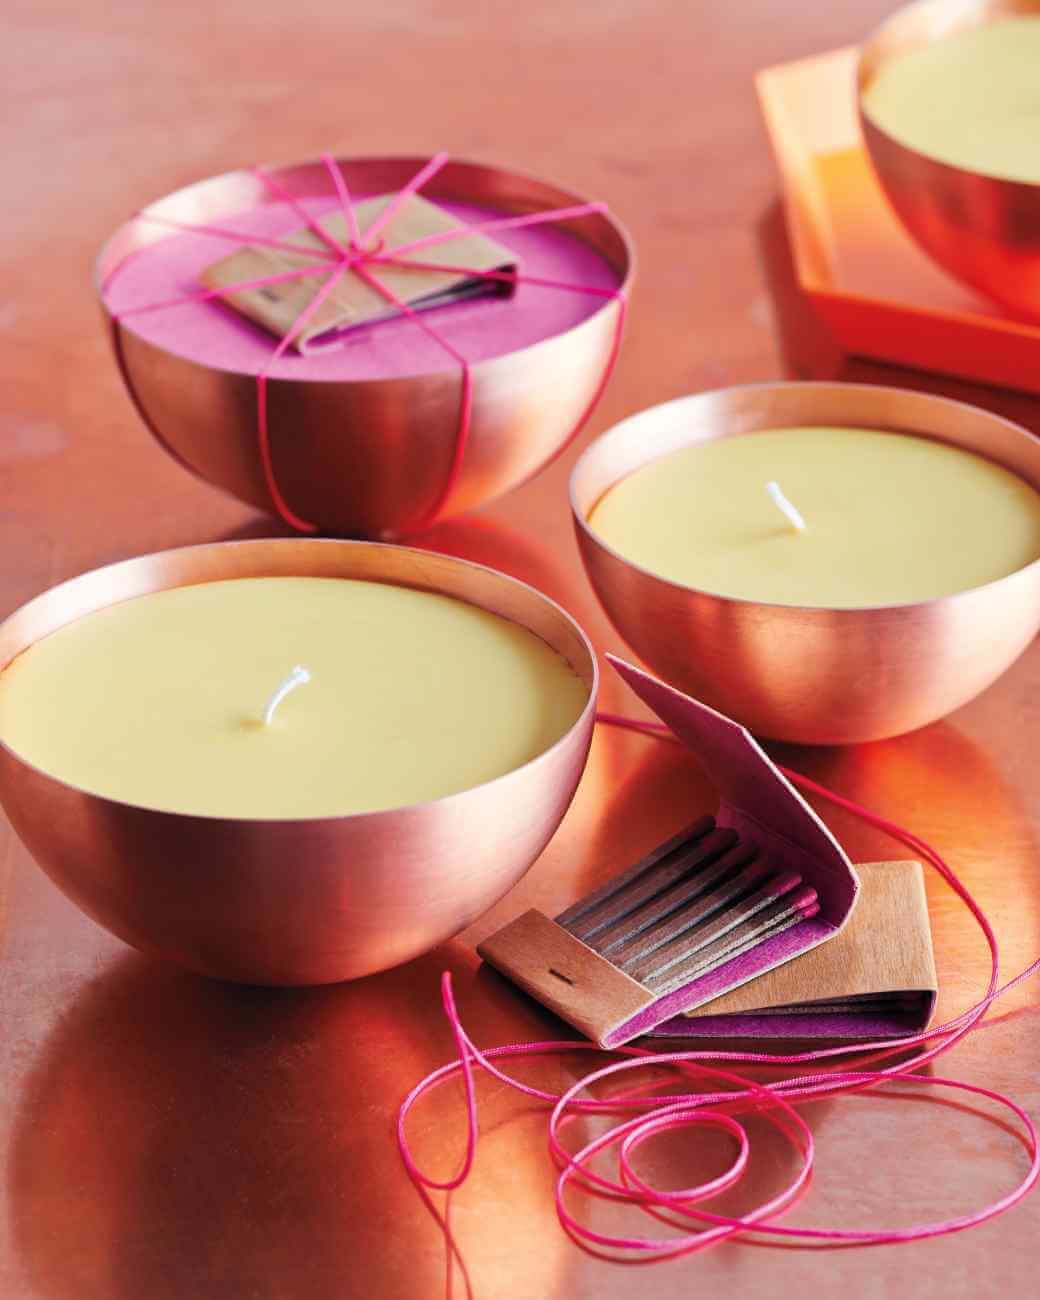 DIY Zitruskerze - Duftkerze selber machen